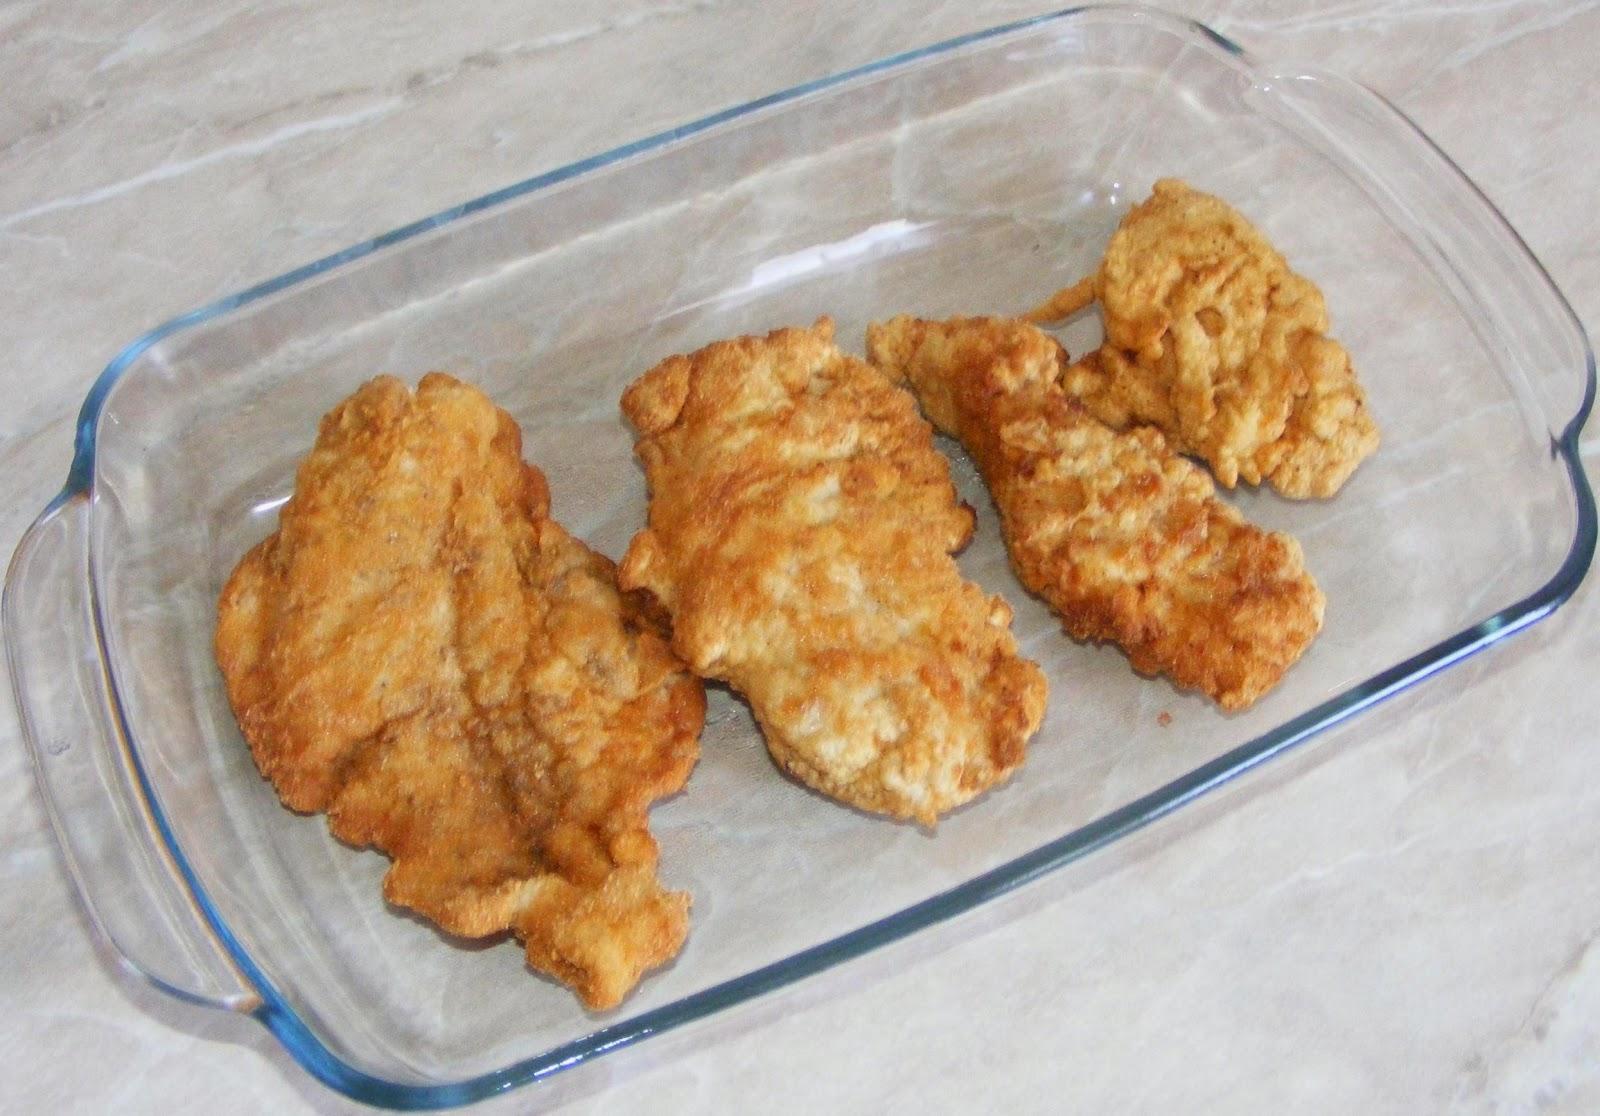 preparare pollo parmigiano, preparare pui cu parmezan, pui cu parmezan, pollo alla parmigiana, pollo parmigiano, pollo parmegiano, pollo parmigiana, retete de mancare, retete culinare, retete italiene, mancare italiana, snitele de pui, snitele de pui cu pesmet, snitel, snitele, pui parmegiano, retete cu pui, preparate din pui, polo parmegiano, chicken parmigiana, aperitive, parmigiano, parmezan,